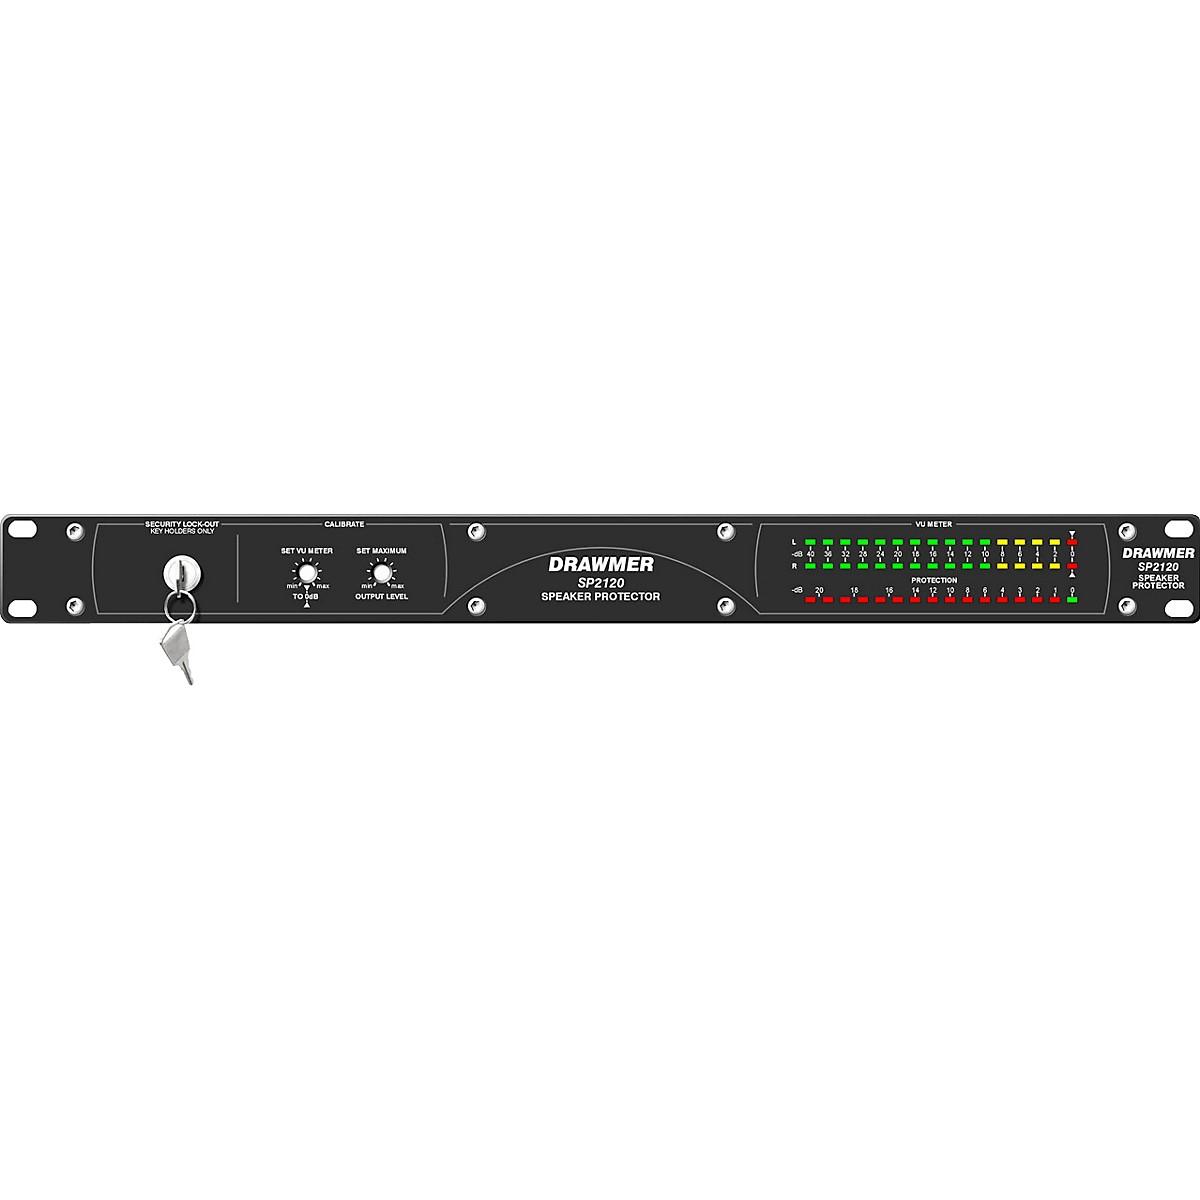 Drawmer SP2120 Speaker Protector